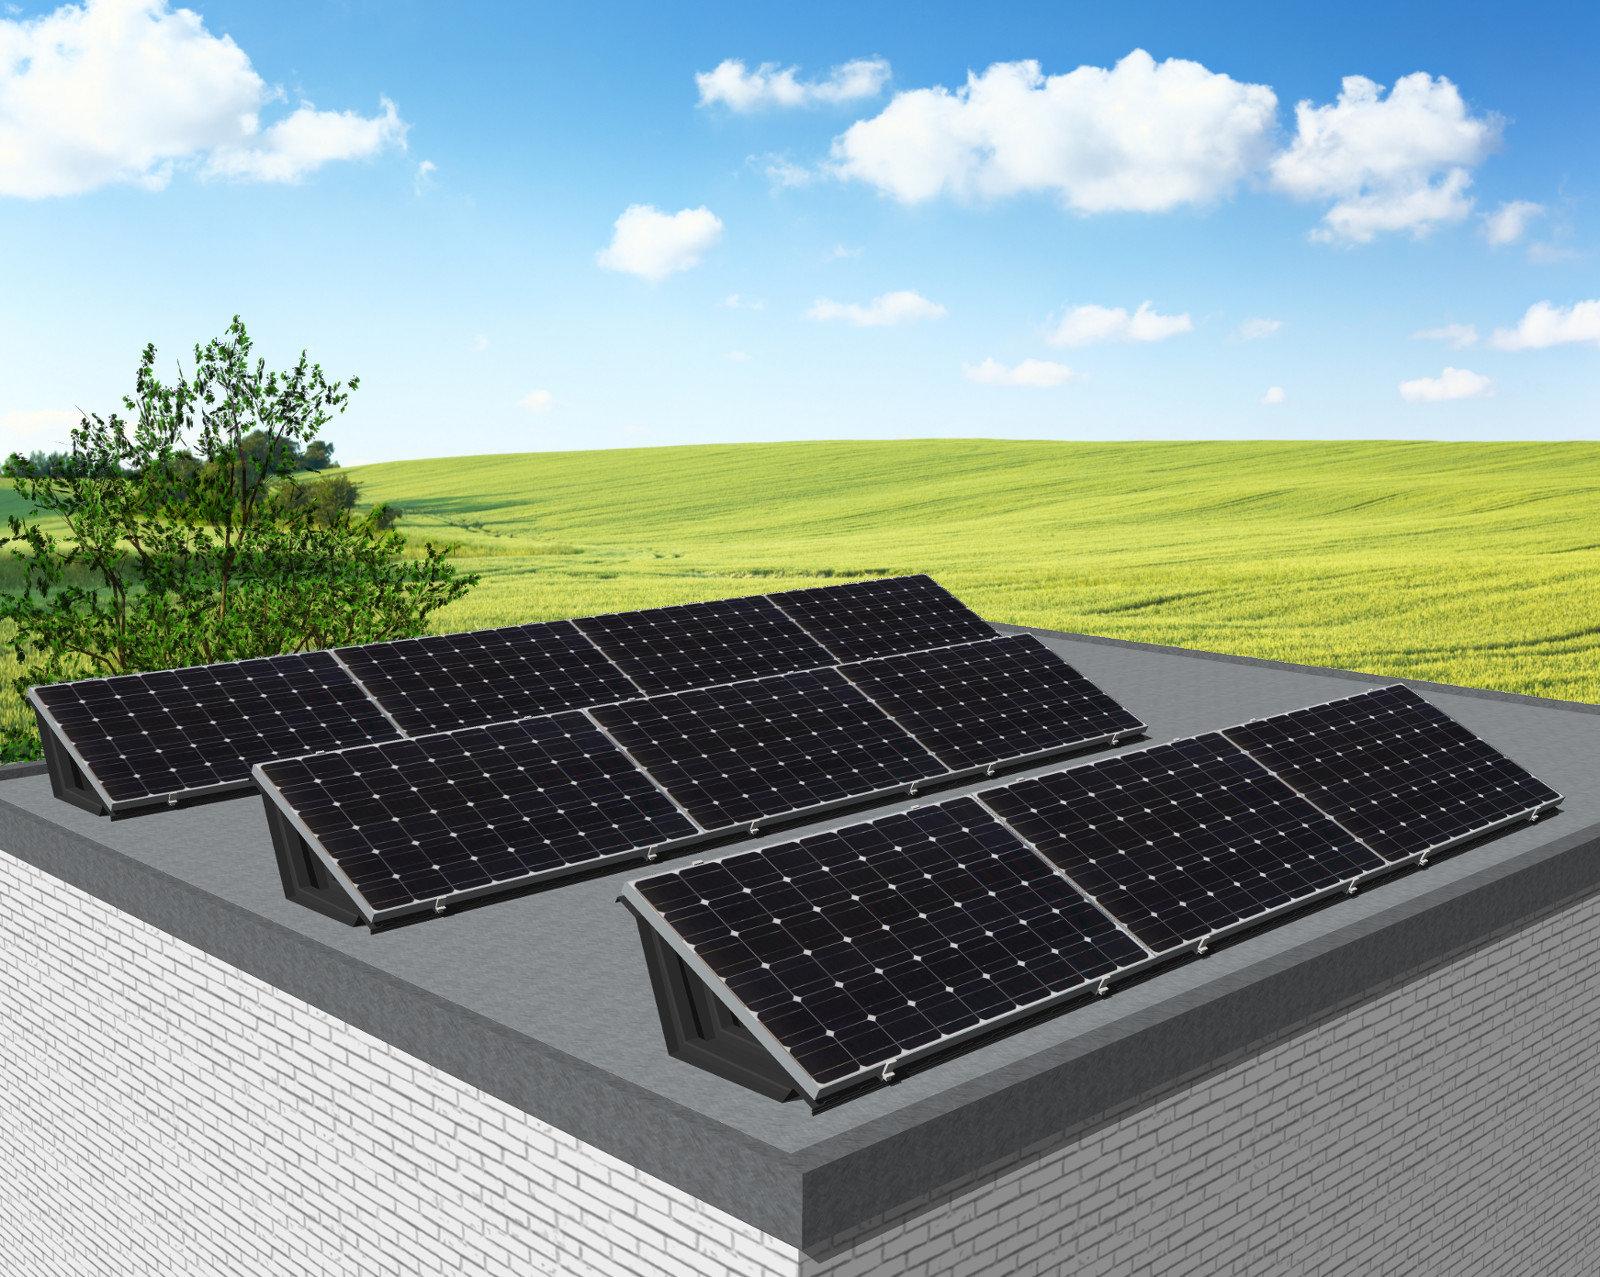 myCleantechSolarPower™ Solaranalage Flachdach oder Carport mit 10 Pannels - Musterbild